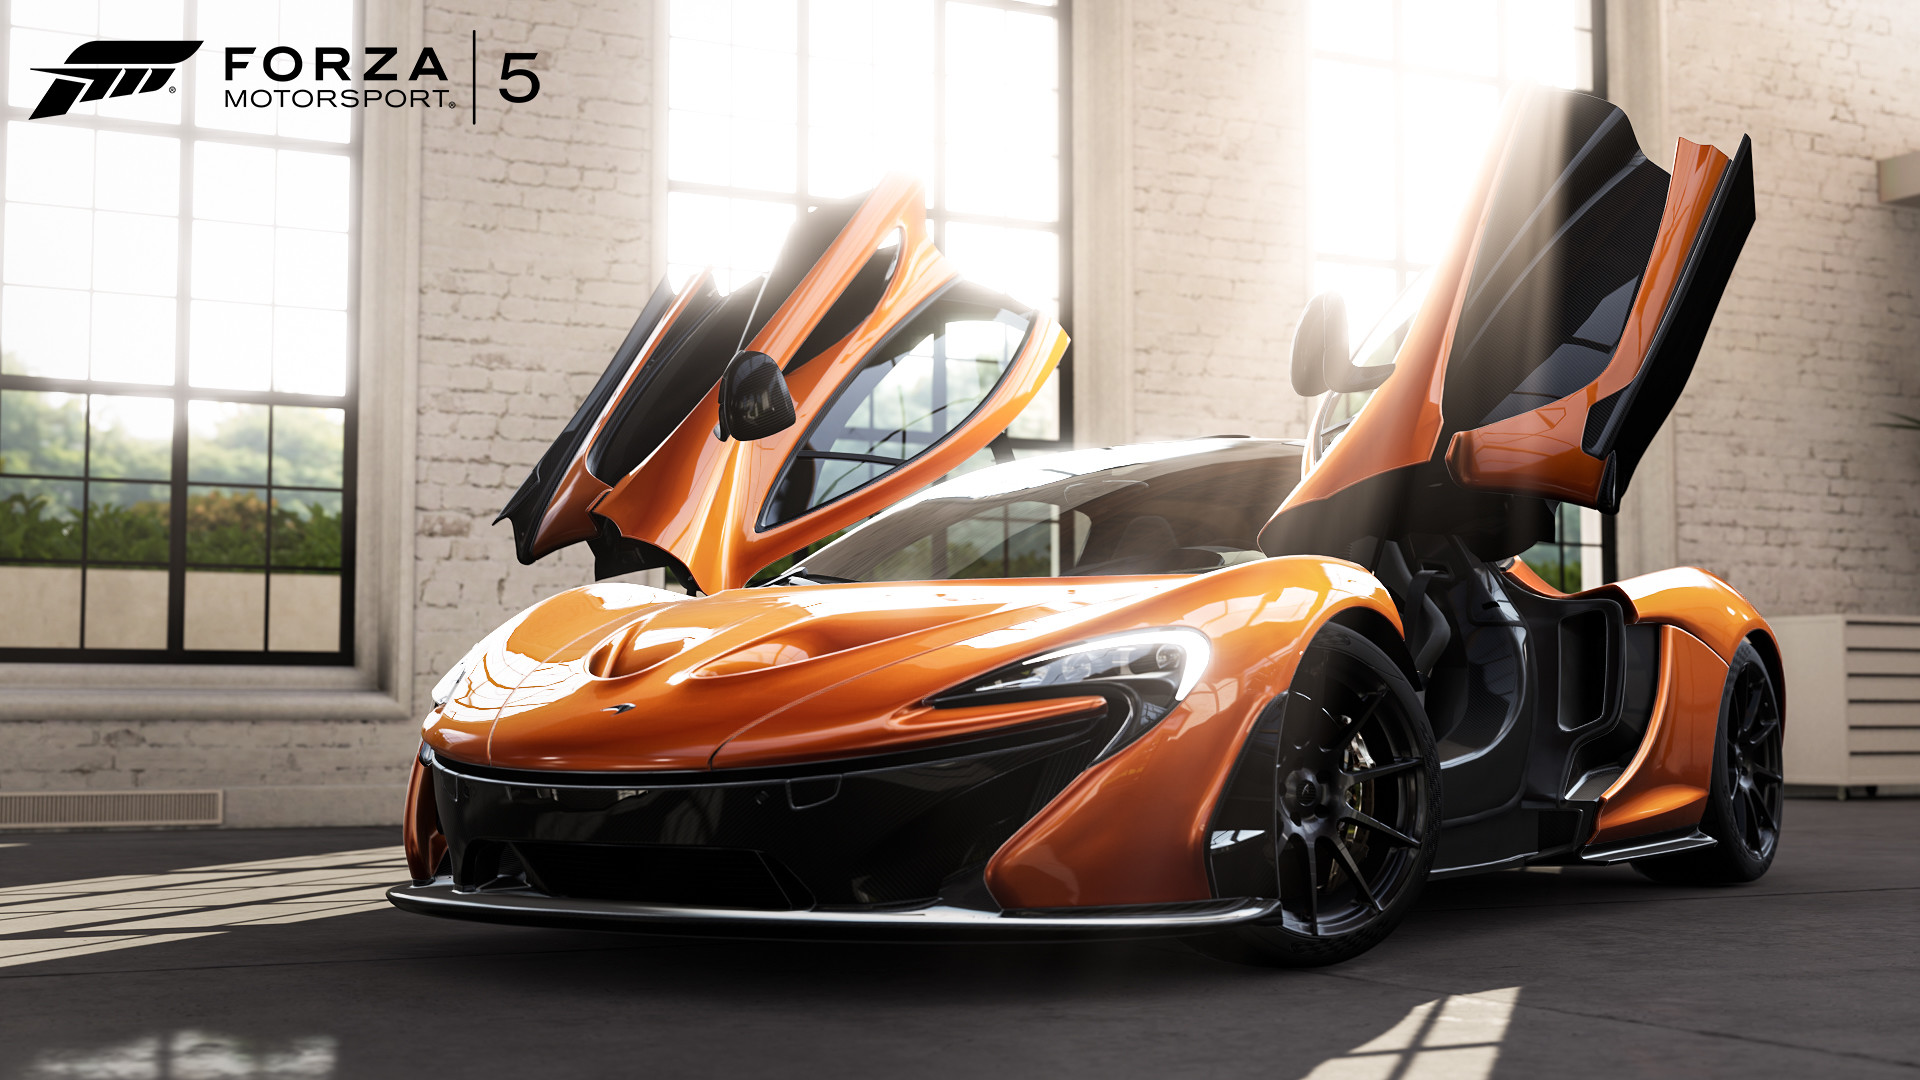 Res: 1920x1080, Froza 5 McLaren P1